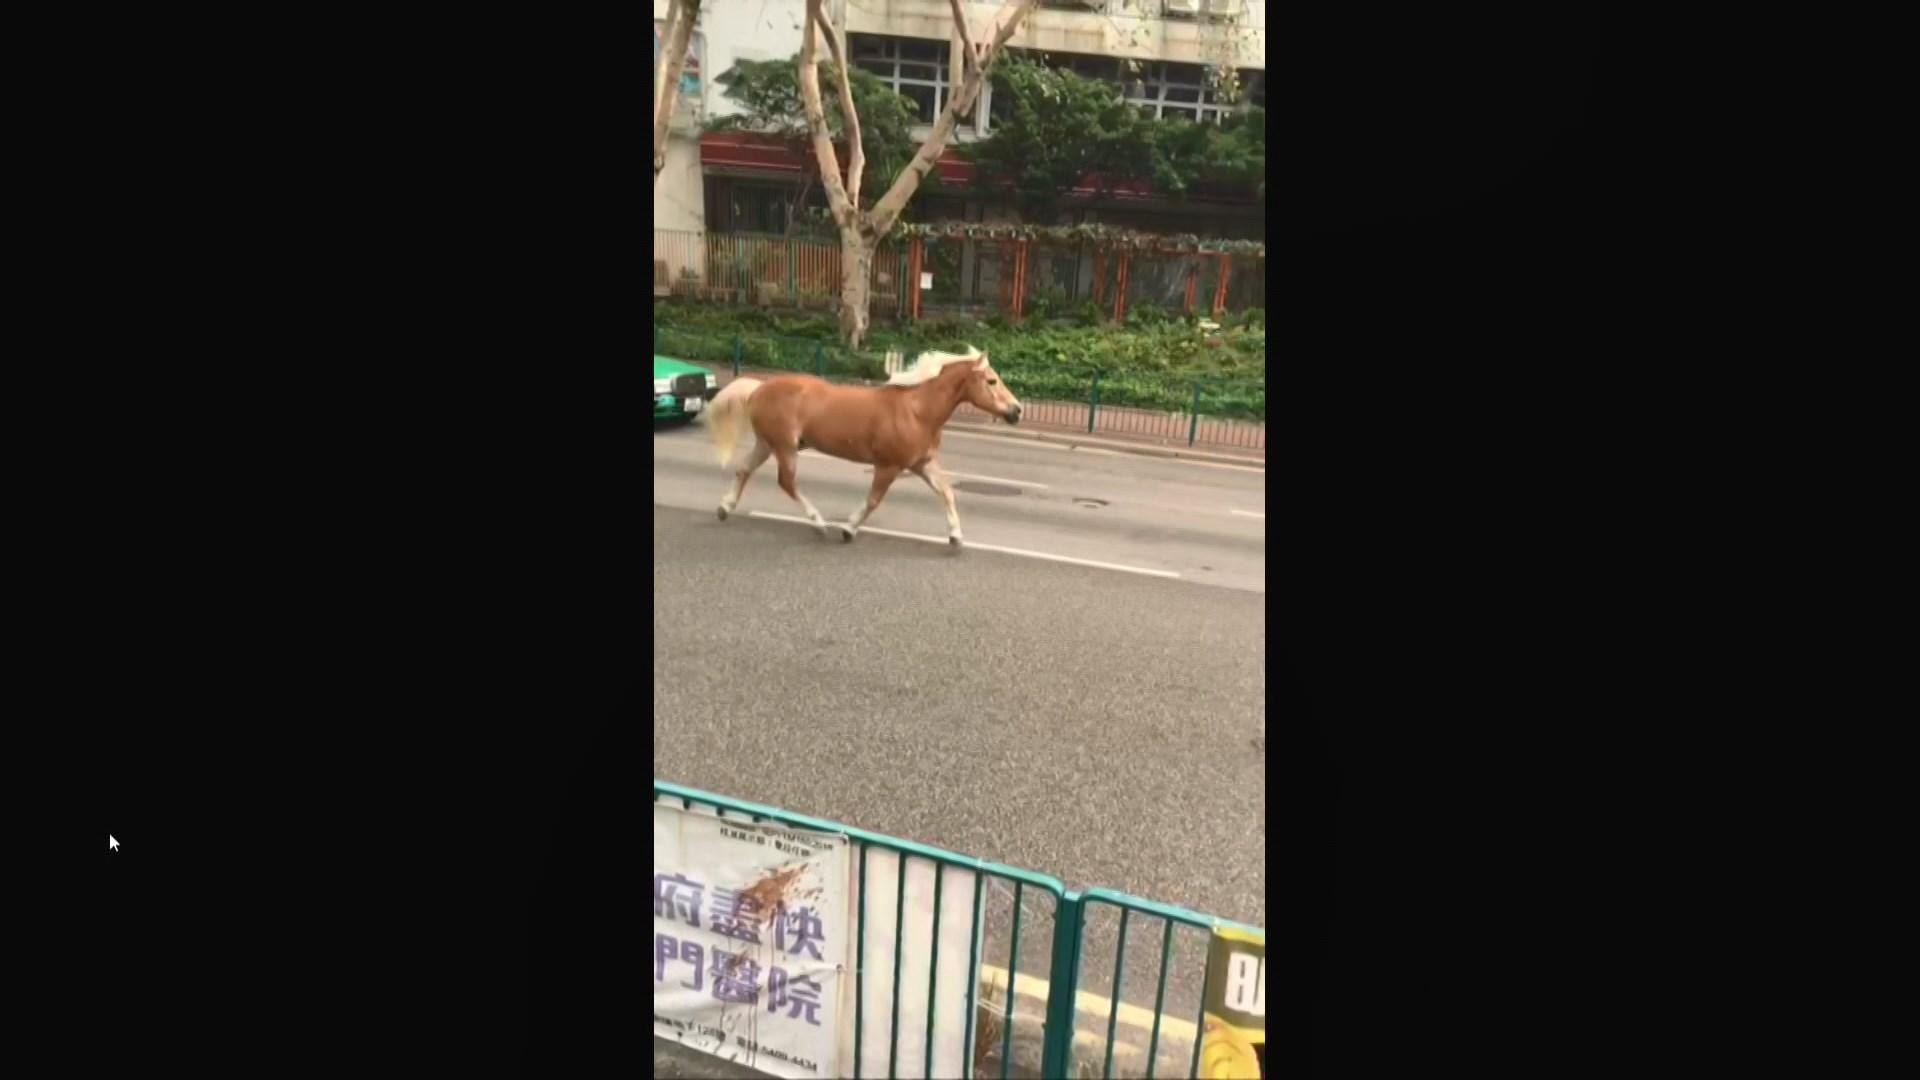 【走馬!】馬匹「出走」 屯門盛裝舞步行街街